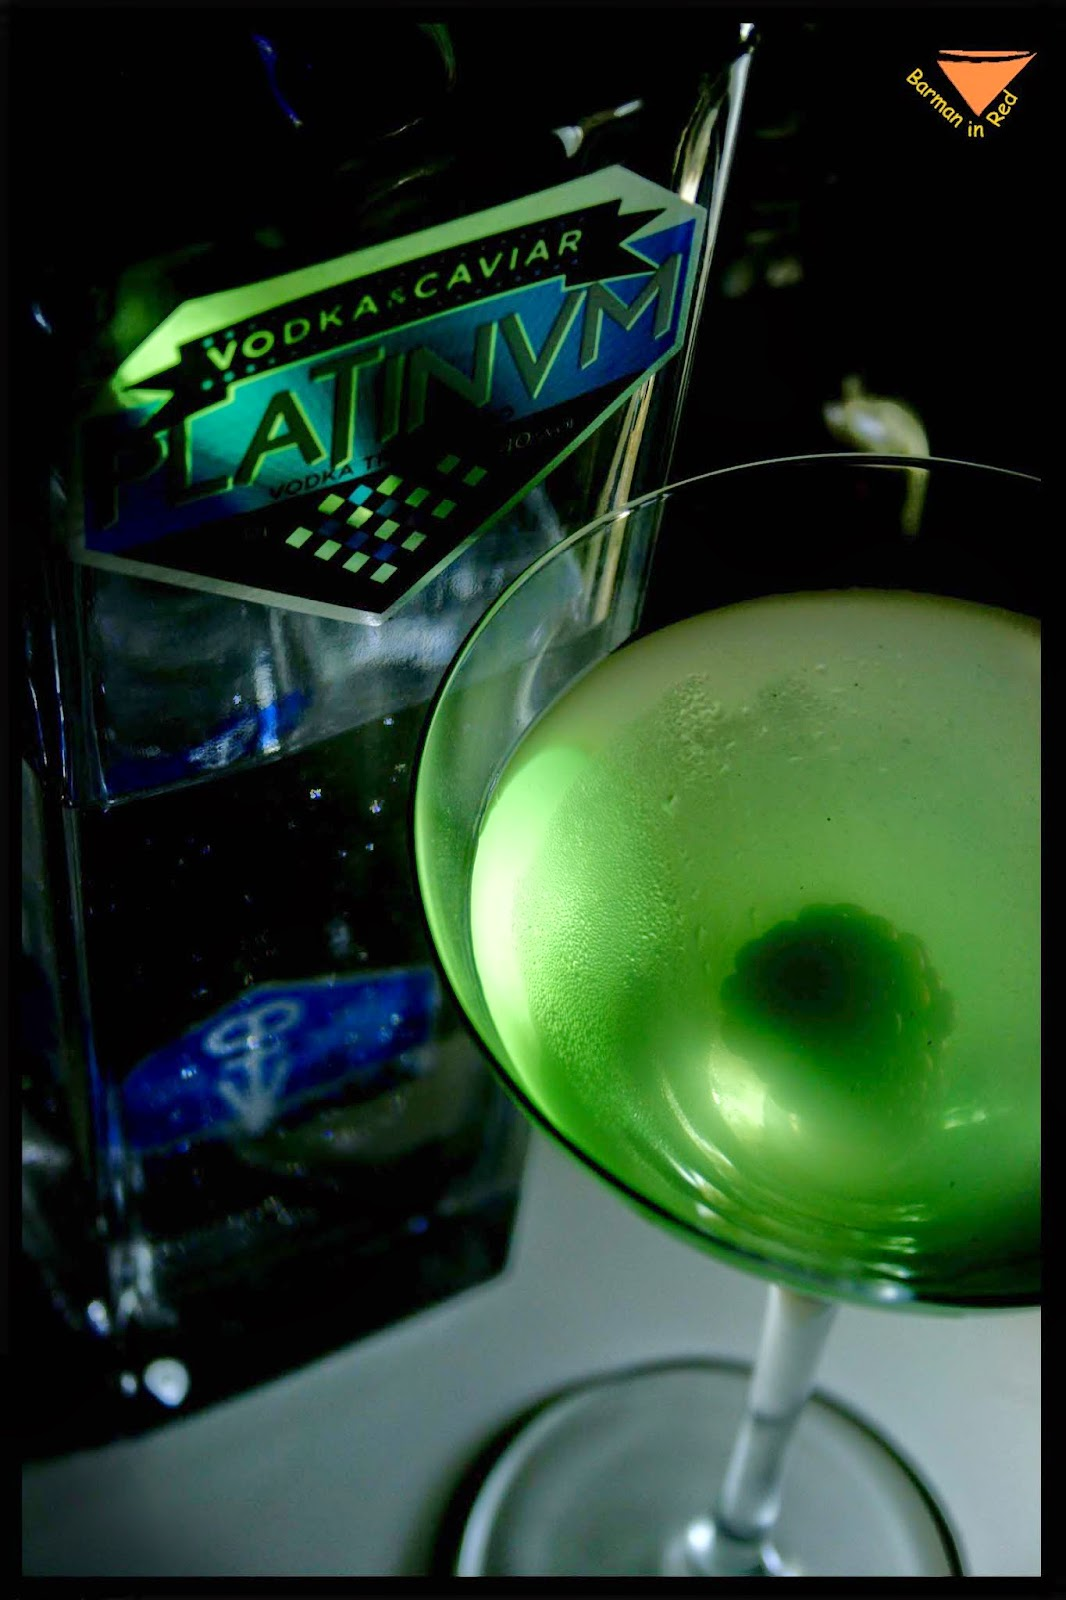 Vodka Platinum Caviar